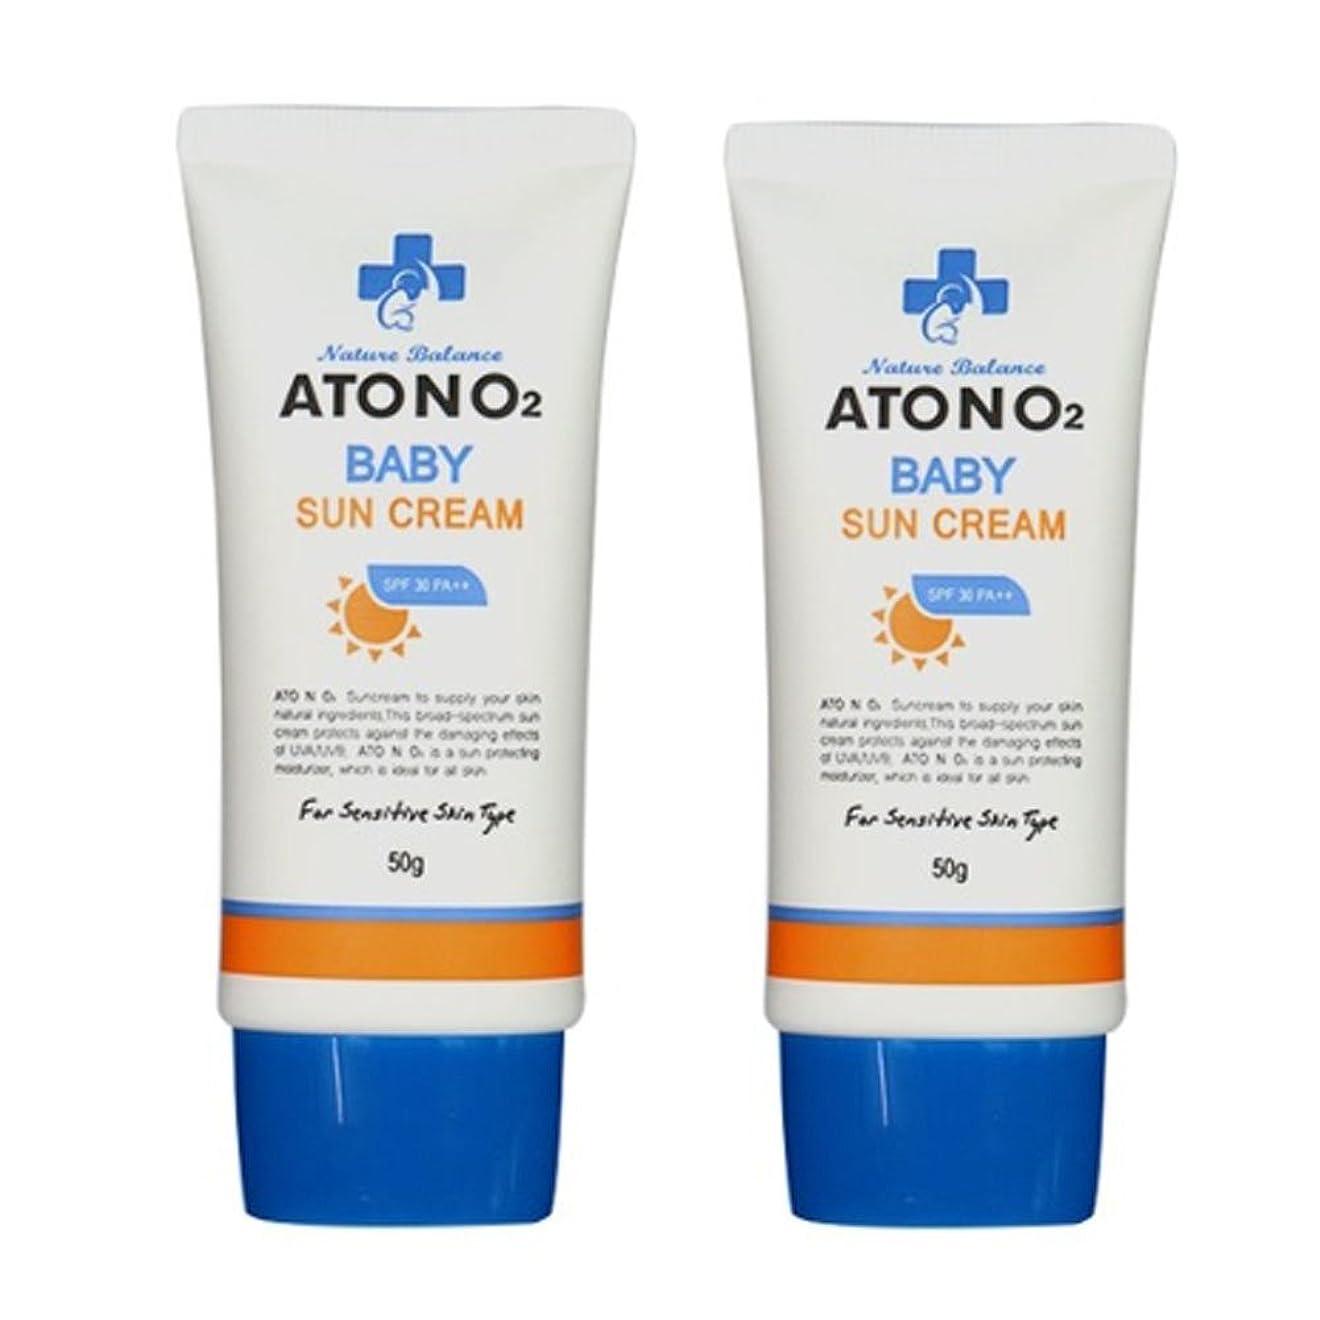 たぶん回るかもめ(ATONO2) ベビーサン?クリーム (SPF30/PA++) 50g x 2本セット ATONO2 Baby Sun Cream (SPF30/PA++) 50g x 2ea Set [並行輸入品]